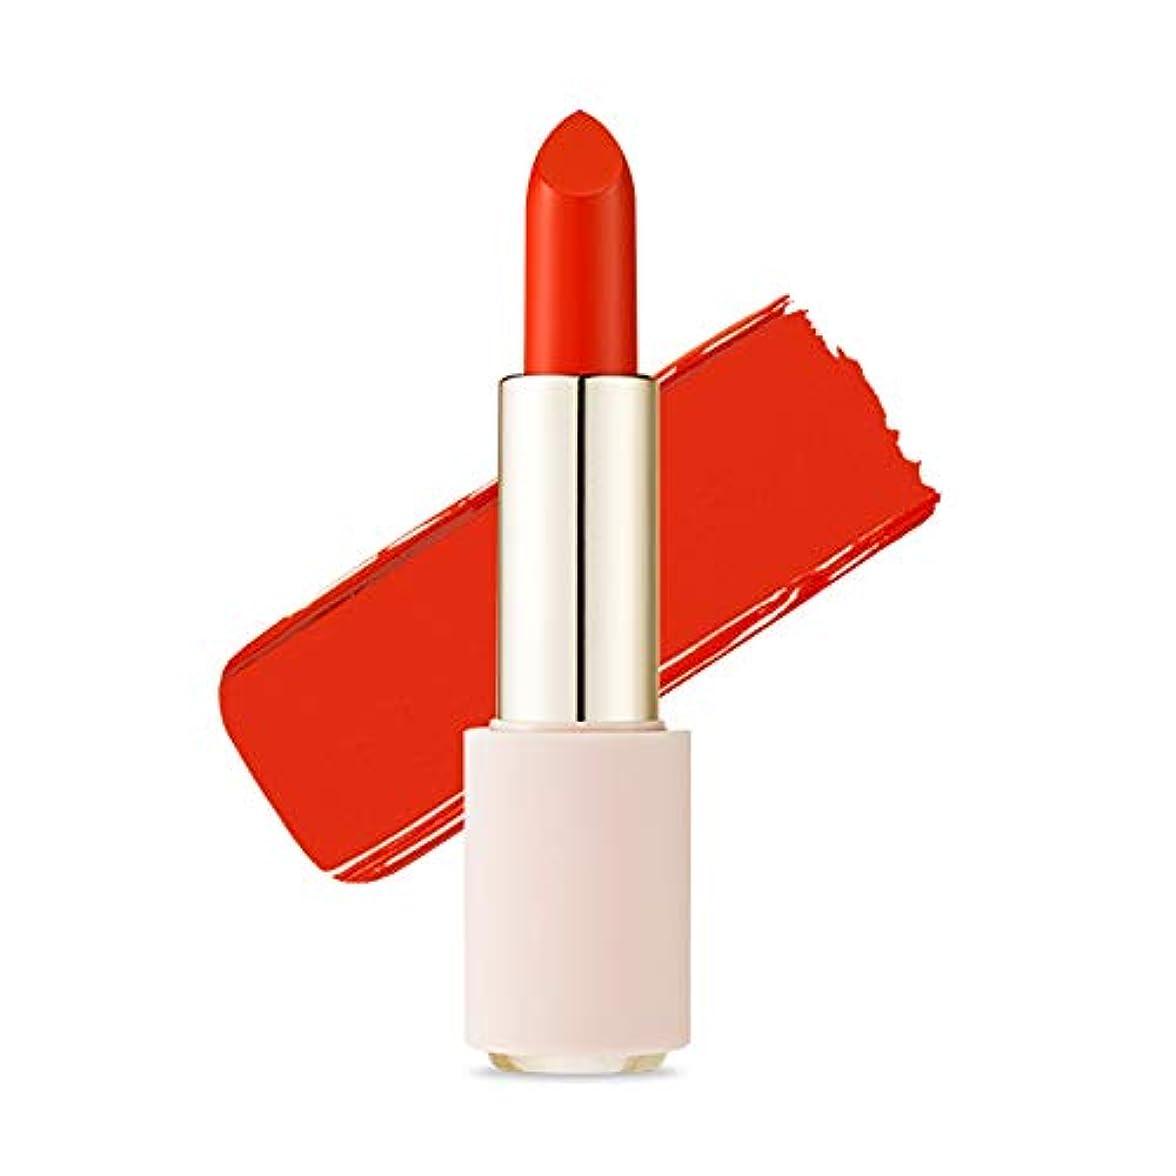 分割縫い目南西Etude House Better Lips Talk エチュードハウス ベター リップス - トーク (# OR204 Burnt Carrot) [並行輸入品]